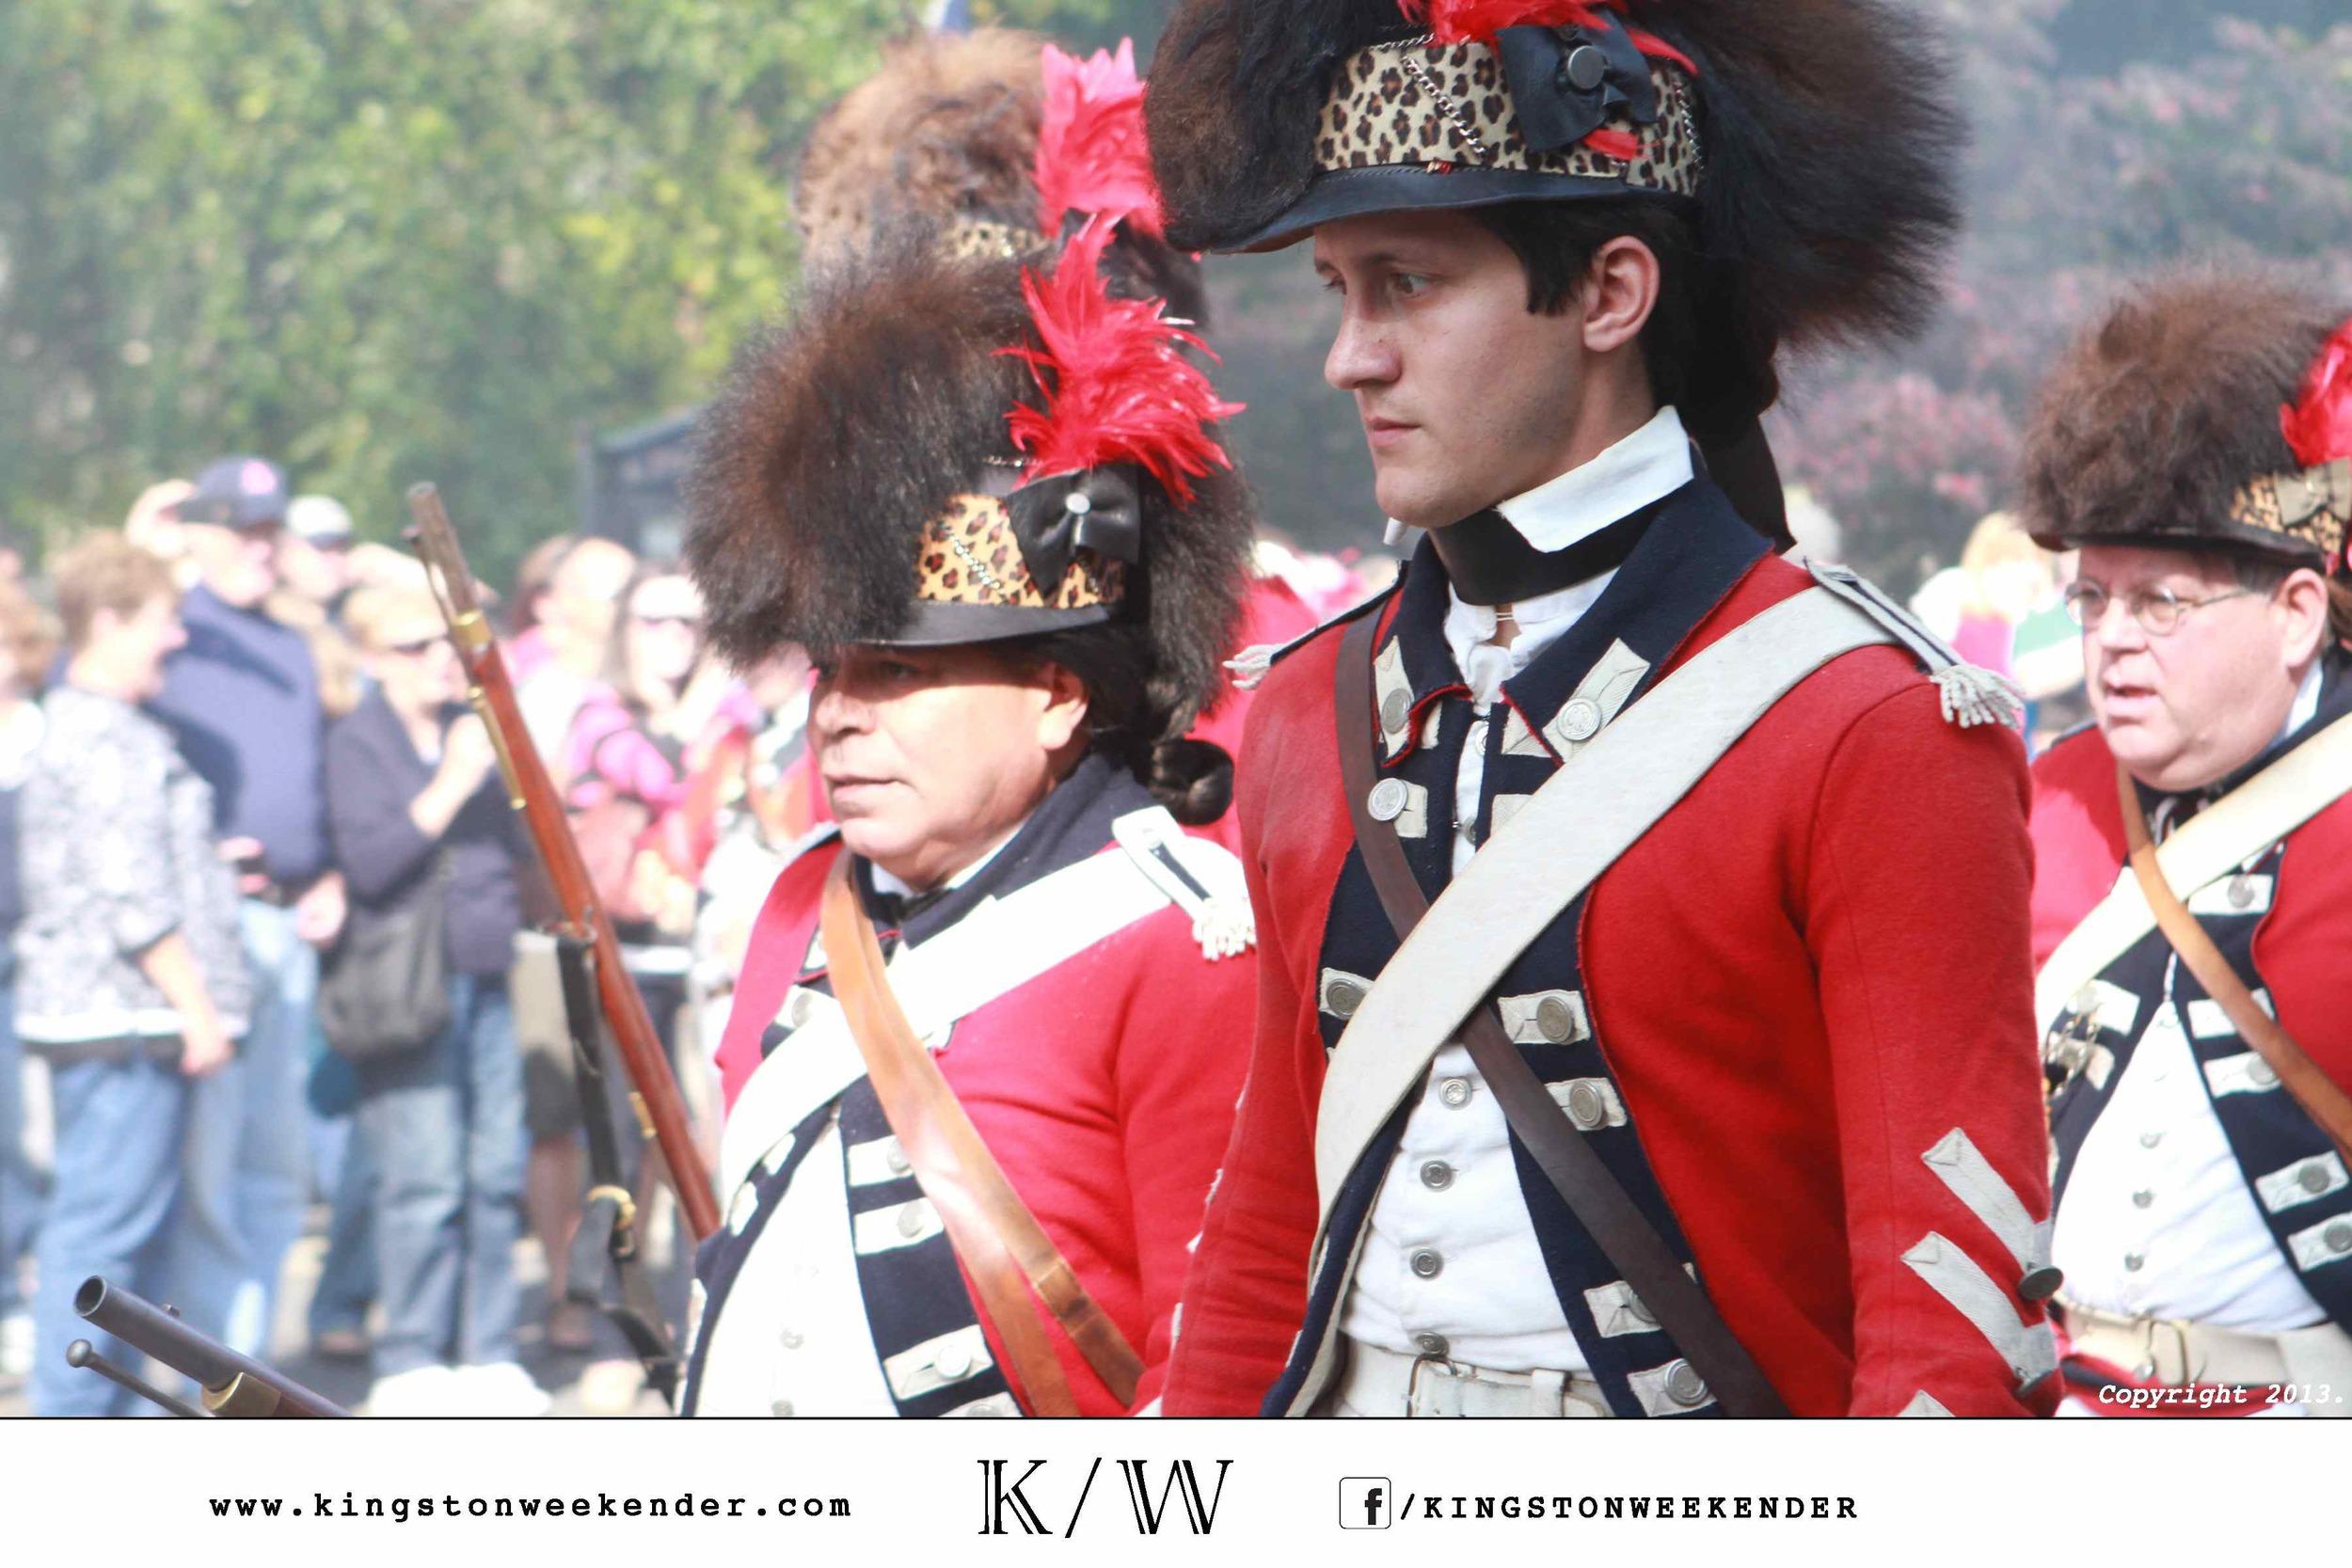 kingston-weekender-photo-credits32.jpg